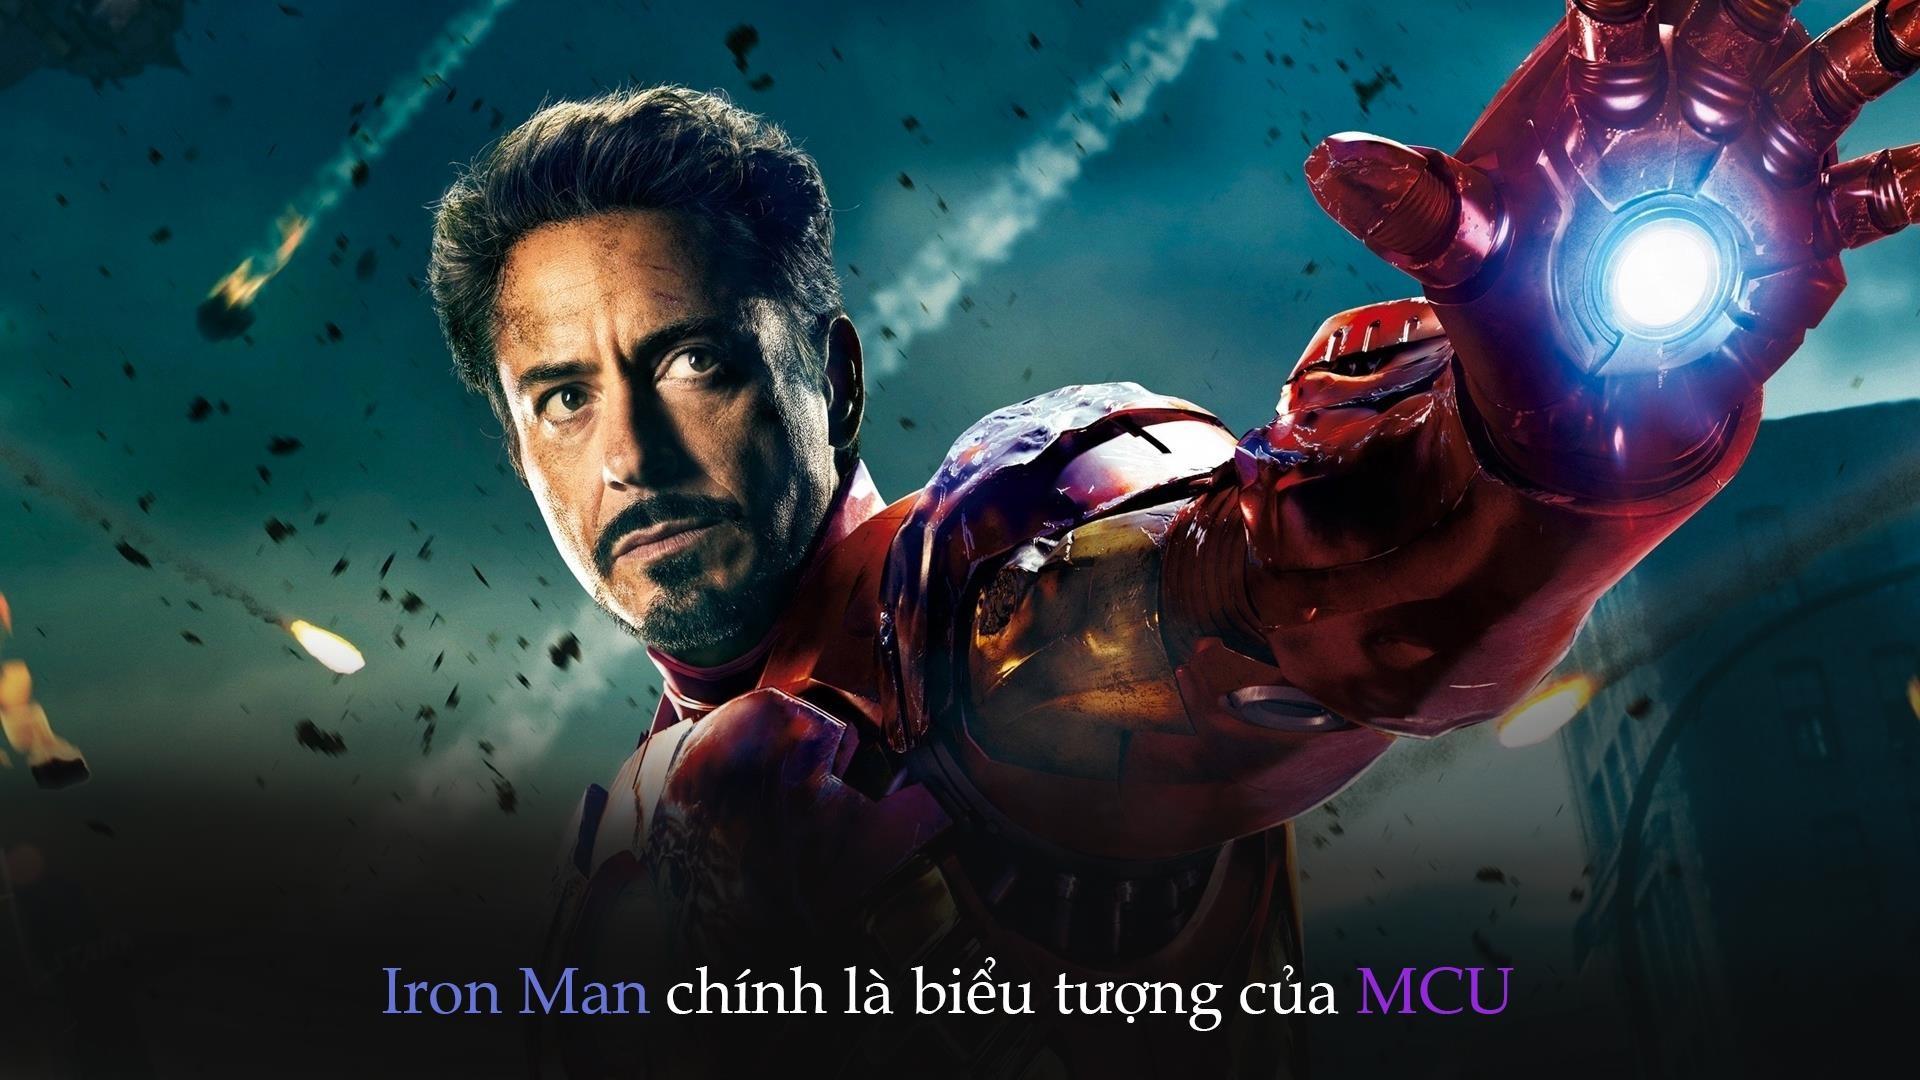 Phim Avengers: Endgame anh 7